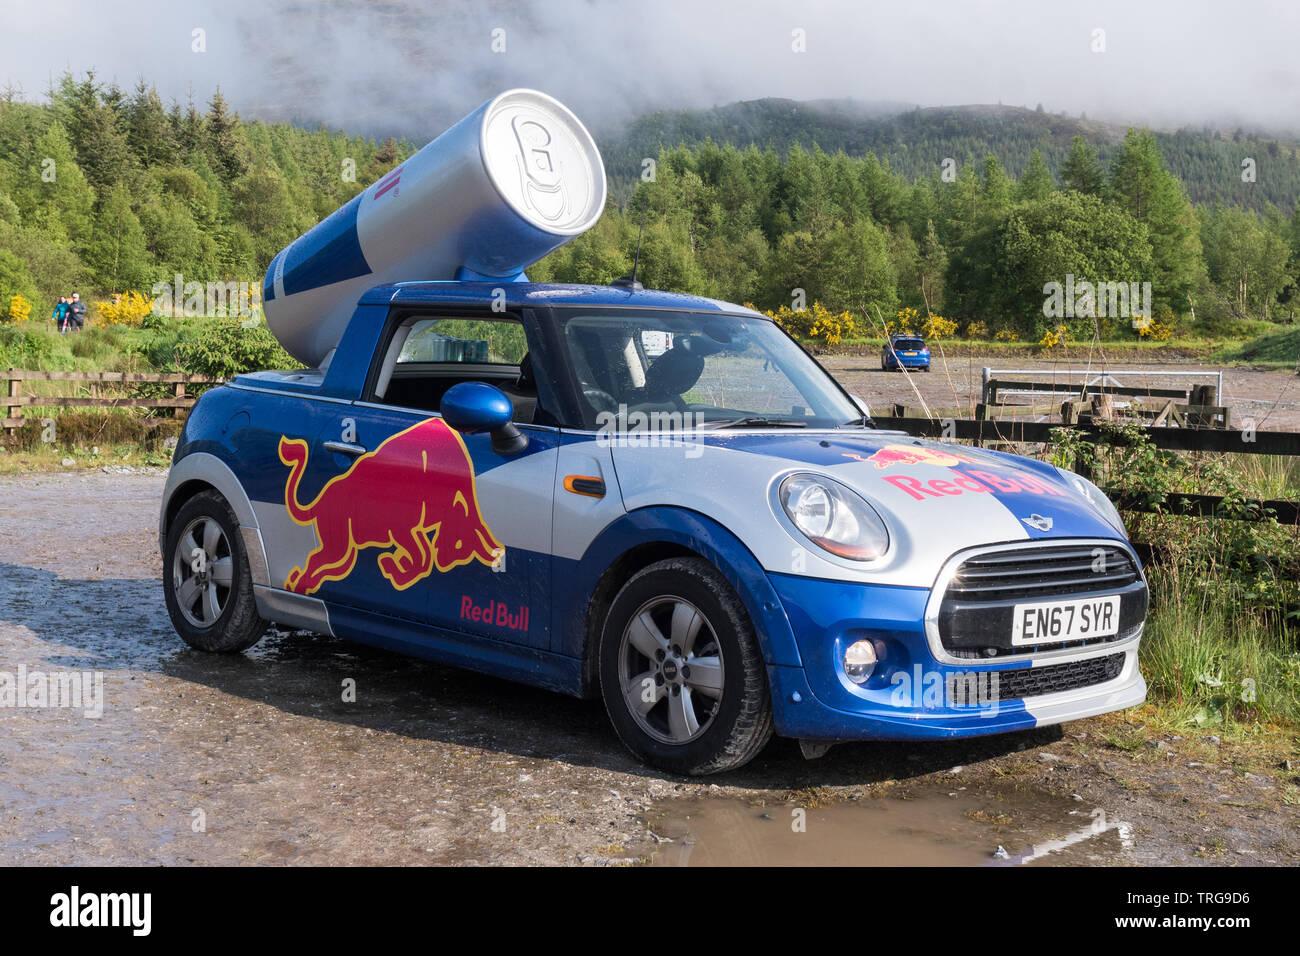 Red Bull mini car - Fort William, Écosse, Royaume-Uni Photo Stock